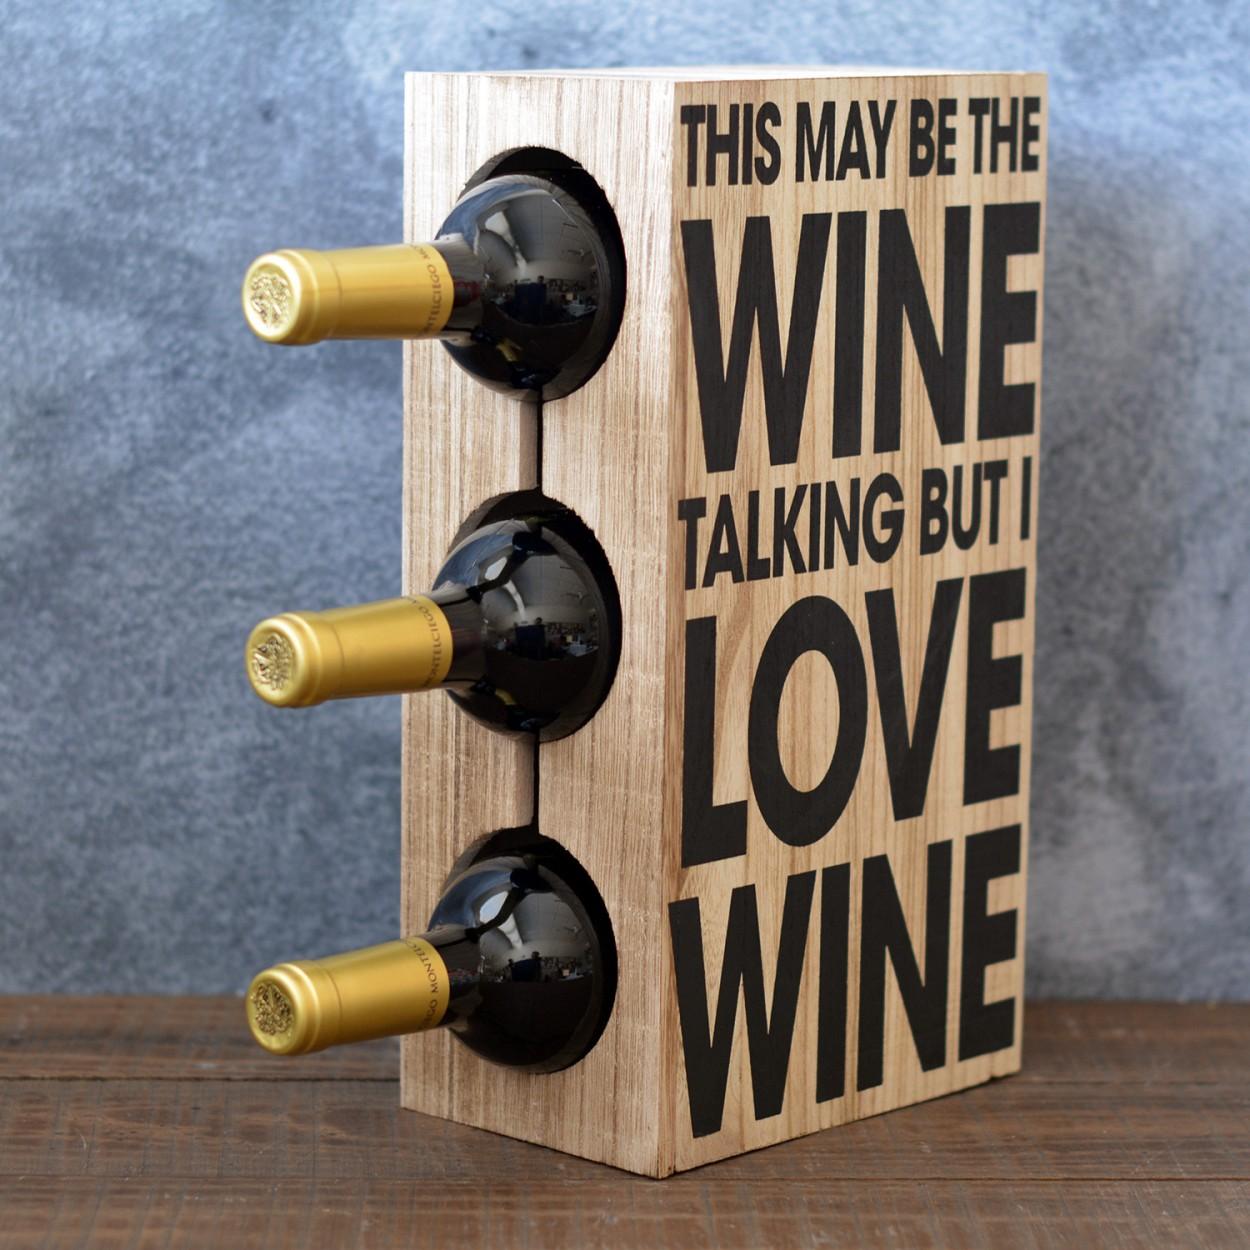 Comprar botellero para vino en madera hogar y m s - Botelleros de madera para vino ...